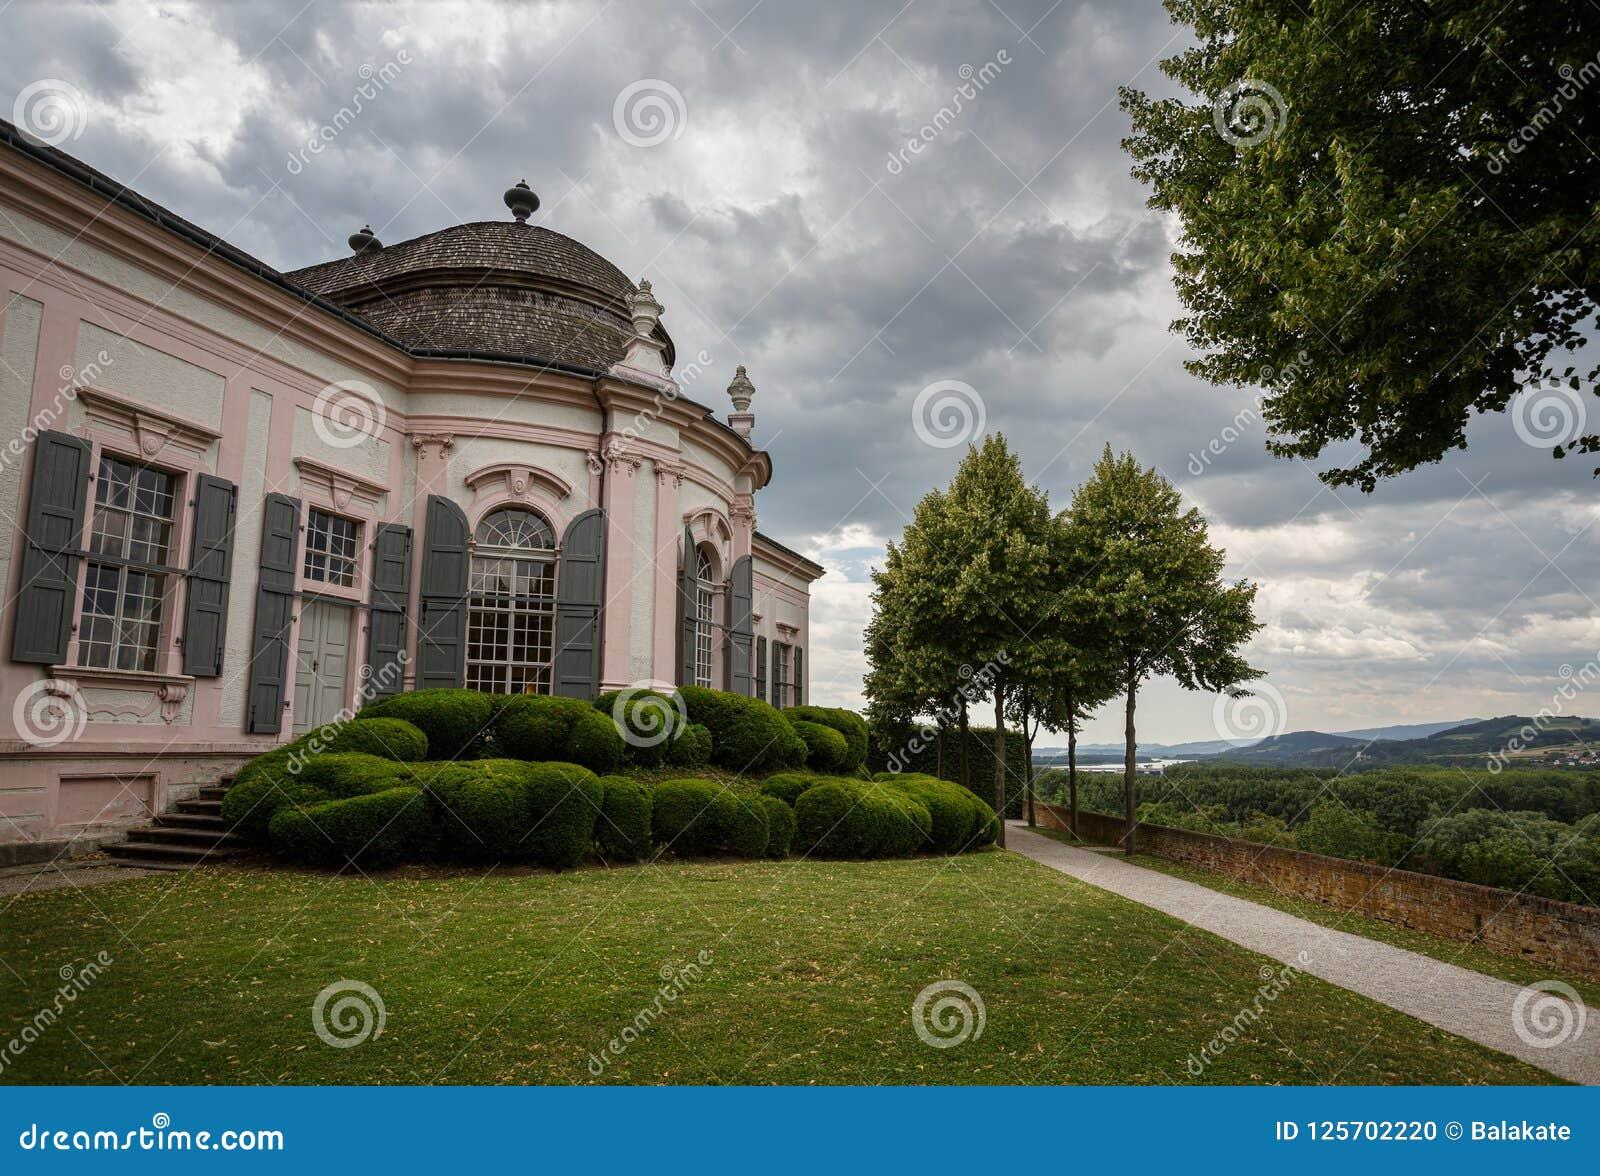 Περίπτερο κήπων του δέκατου όγδοου αιώνα στο πάρκο του αβαείου Melk Melk, χαμηλότερη Αυστρία